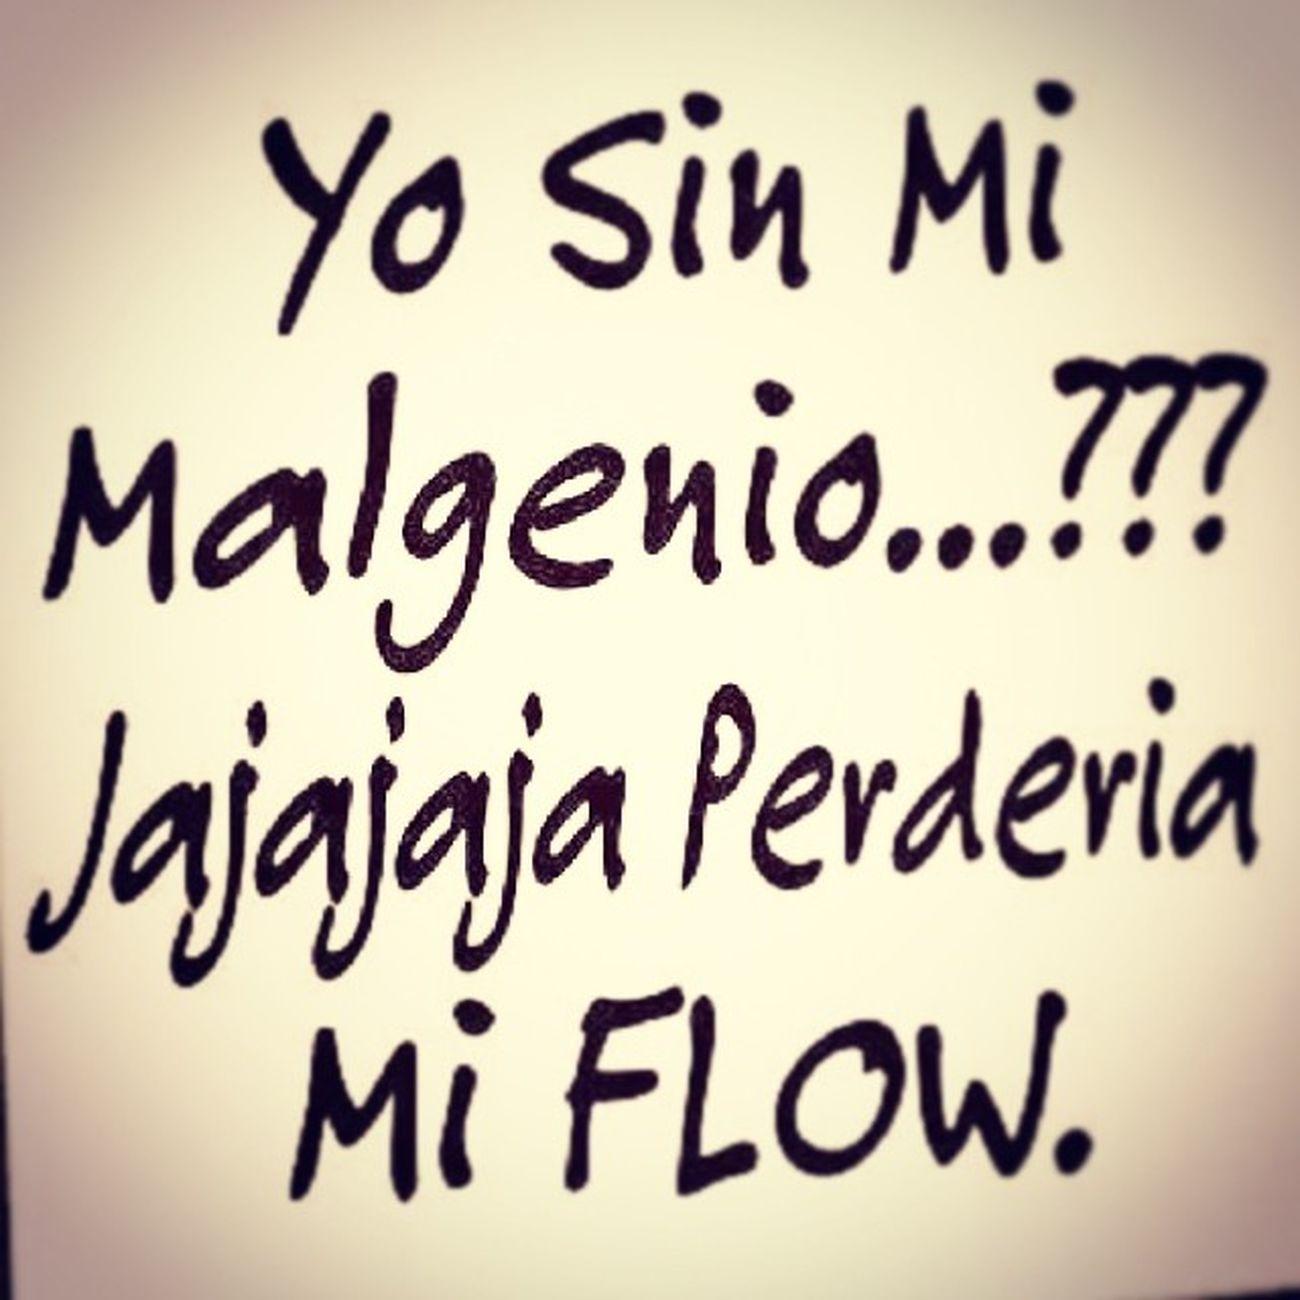 True Olafo Miflow Fastidiado Sinolegusta Nomeinteresa